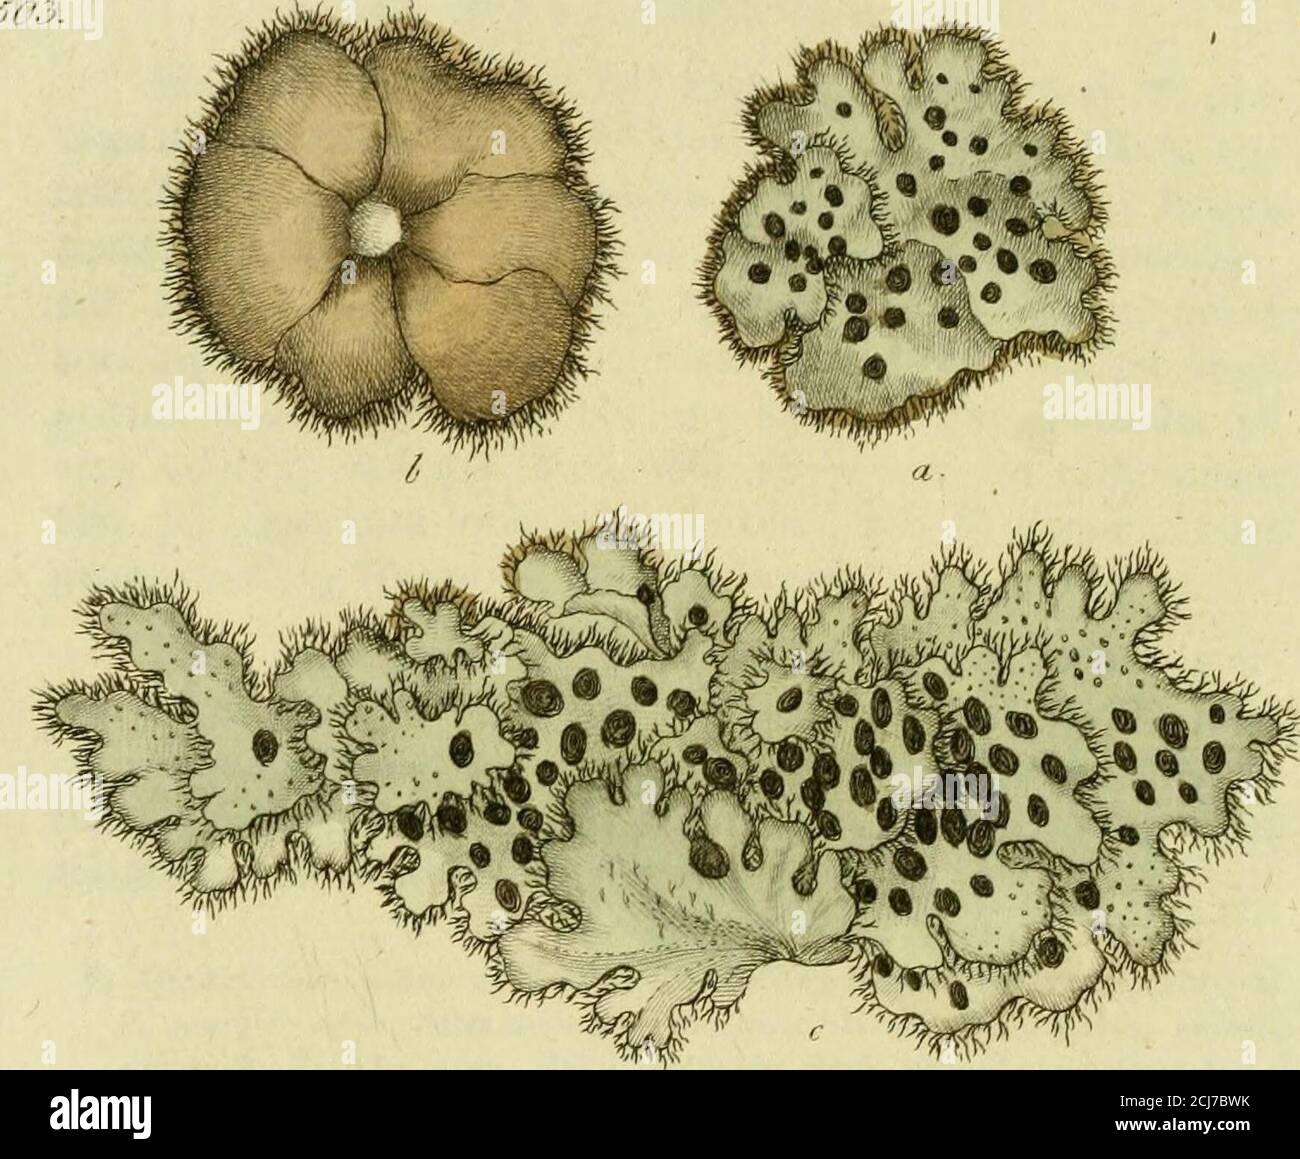 . Svensk botanik . likt medutspärrande blomster. — c. blomfoder-skalen med fästetfor kronskalen. —- d. begge kronskaien öppnade, medståndare och pistiller, förstorade. •) Utrikes har denne af Botanisterne bl i tv i t merendels för P. palustrisL. ansedd, men detta species försvinner nästan till namnet, sedan,enligt Dr Smiths intyg, det i Linneiska Herb. varande, är dttnsammasom Leersia Oryzoides , som äfven hör lill Sv. Flora.. Stock Photo